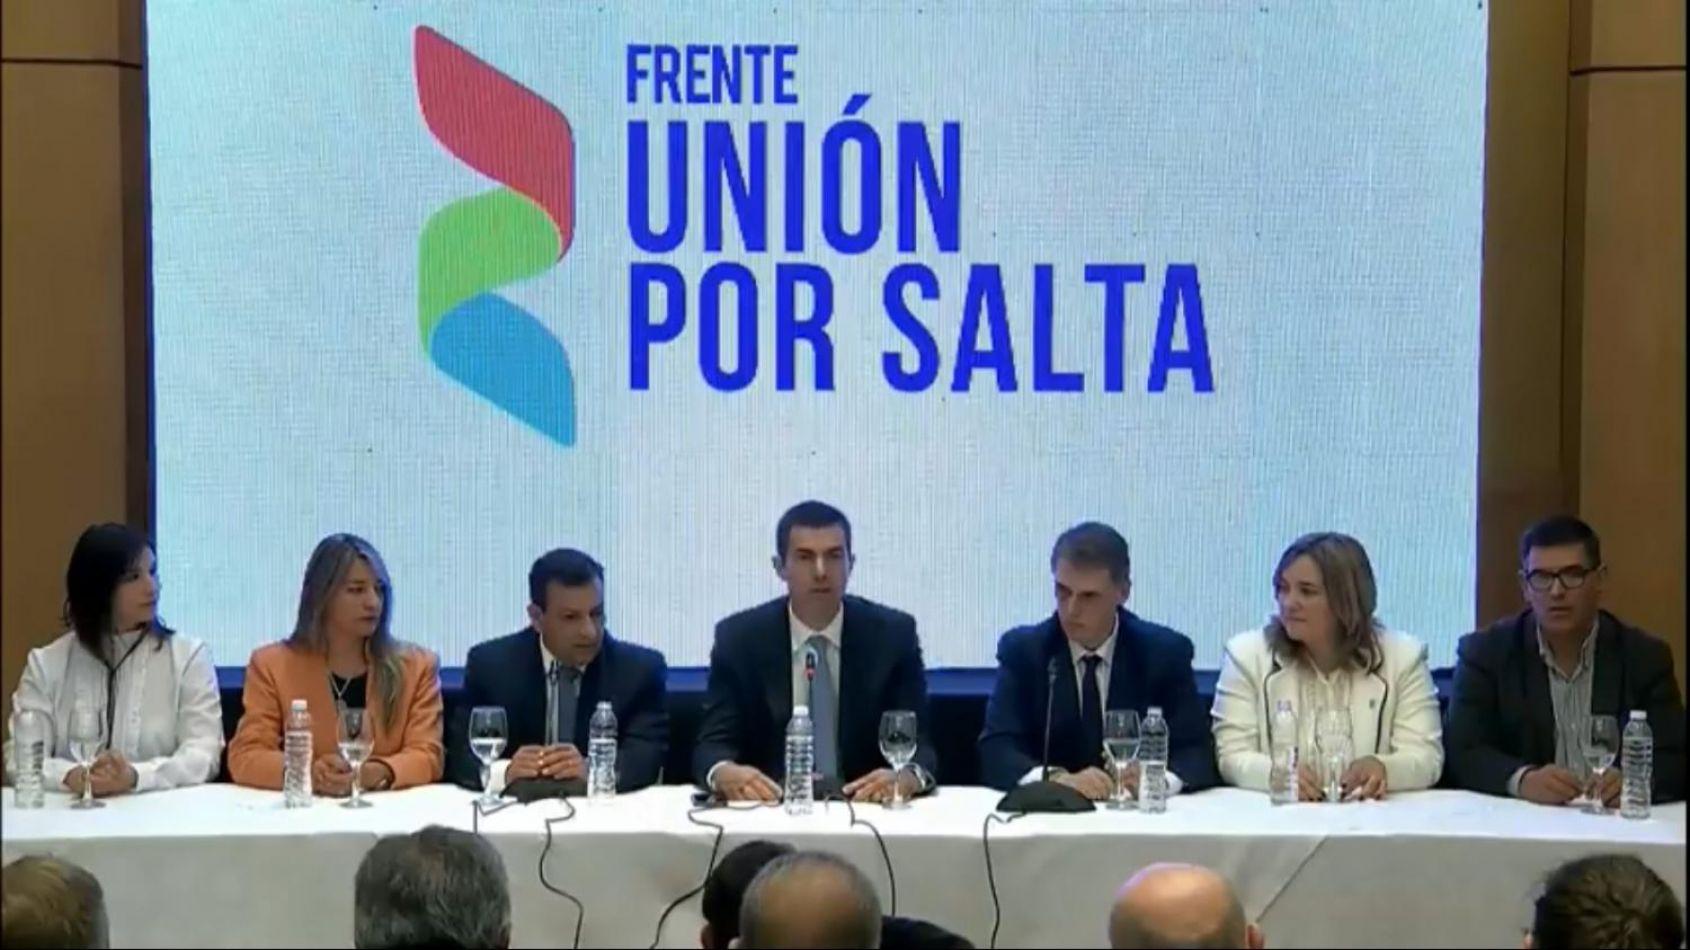 Los candidatos de Unión por Salta